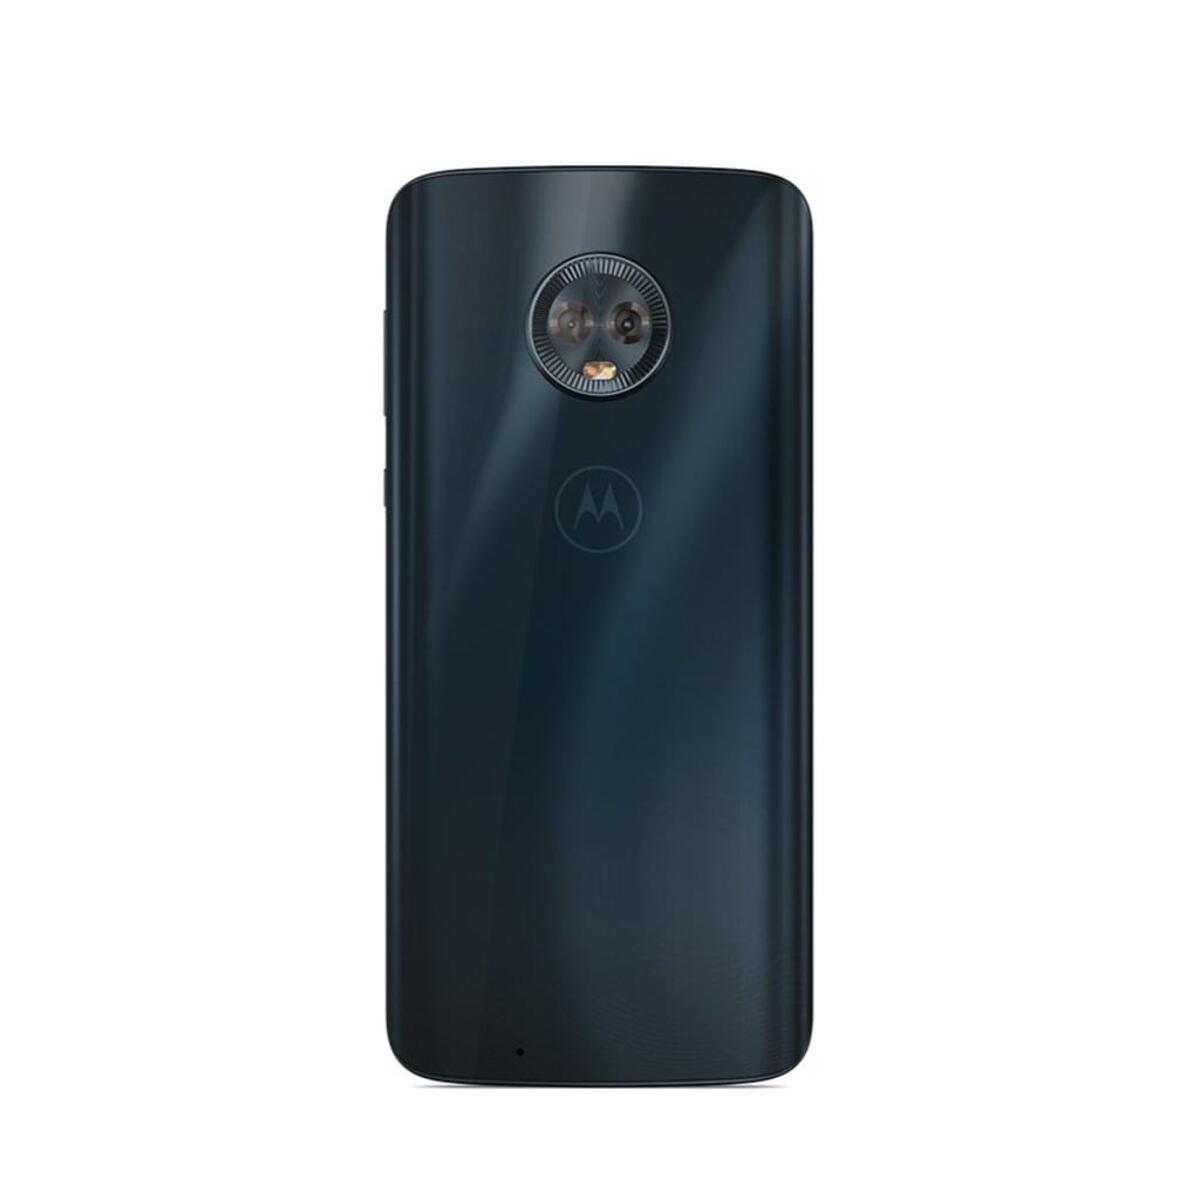 Bild 5 von Motorola Smartphone 14,5cm (5,7 Zoll) Moto G6, DualSIM, 32 GB, Farbe: Indigo